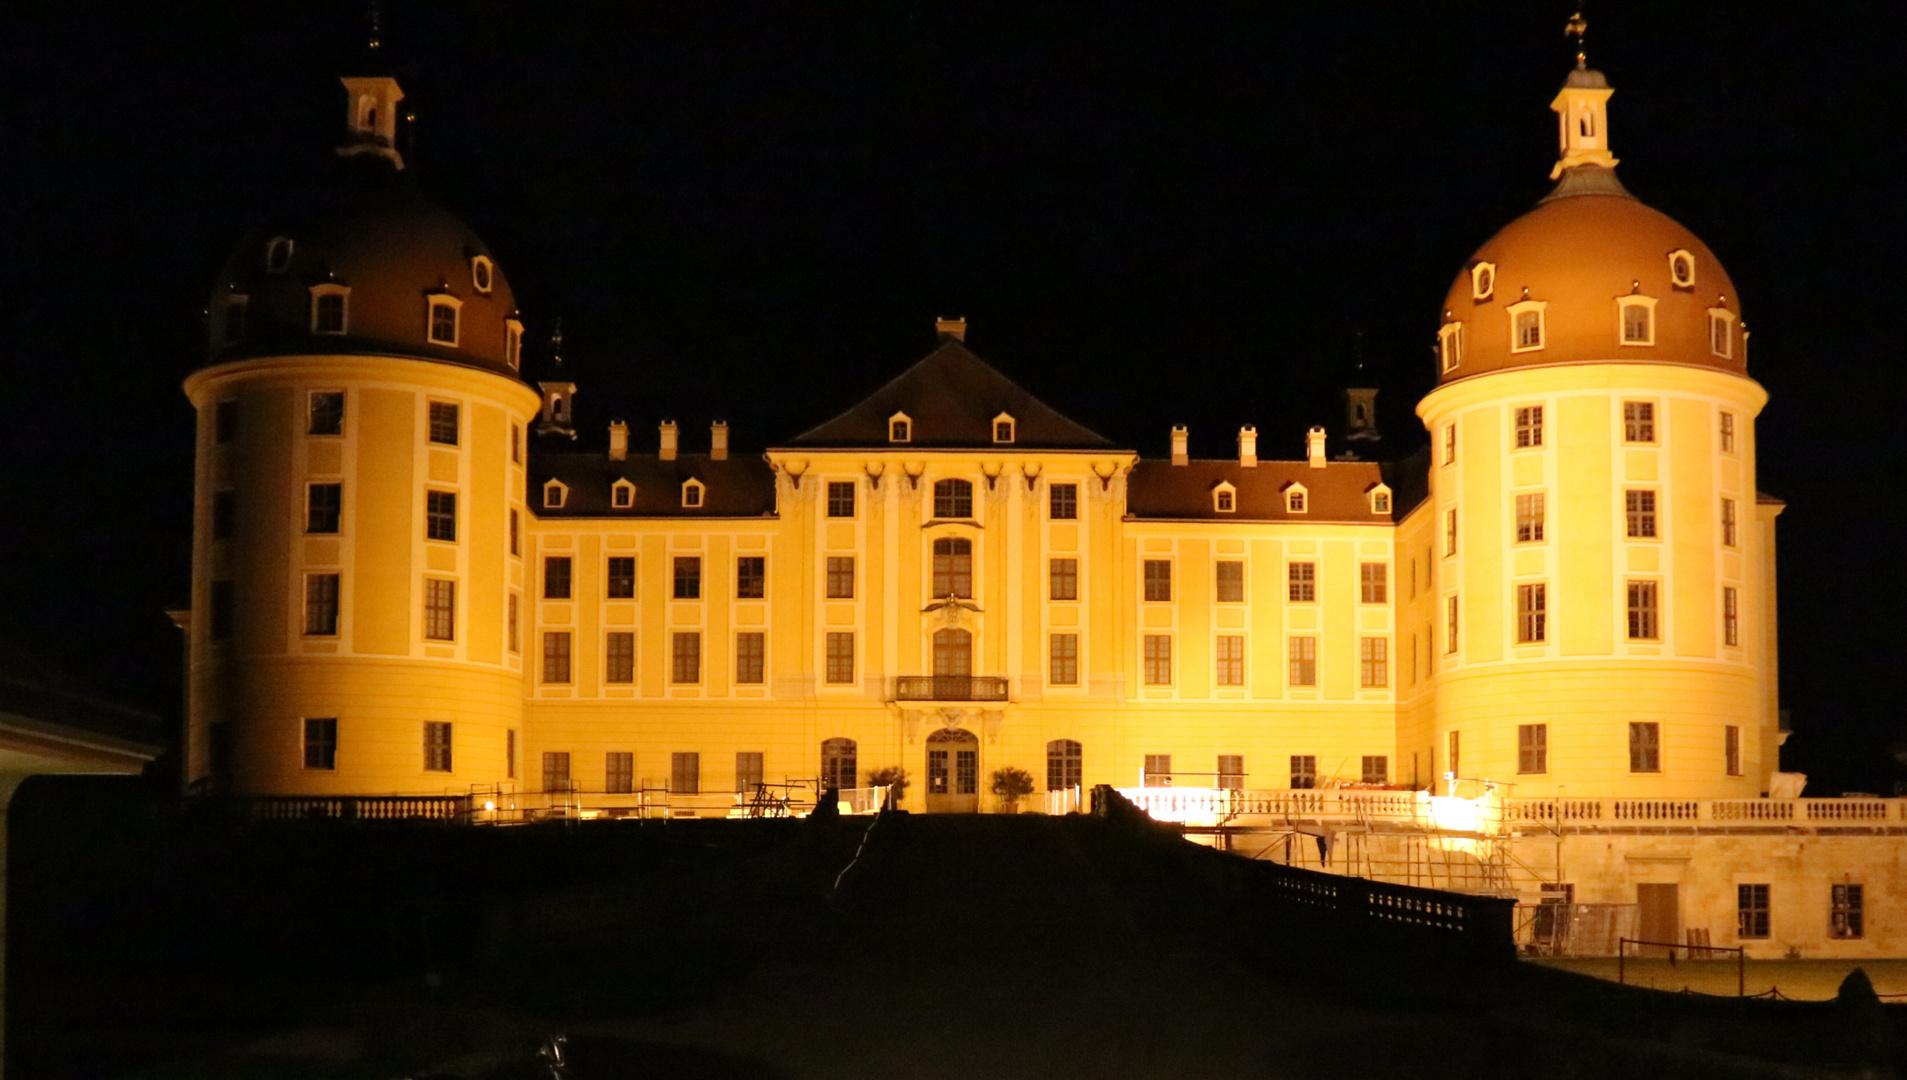 Das Märchenschloss bei Nacht